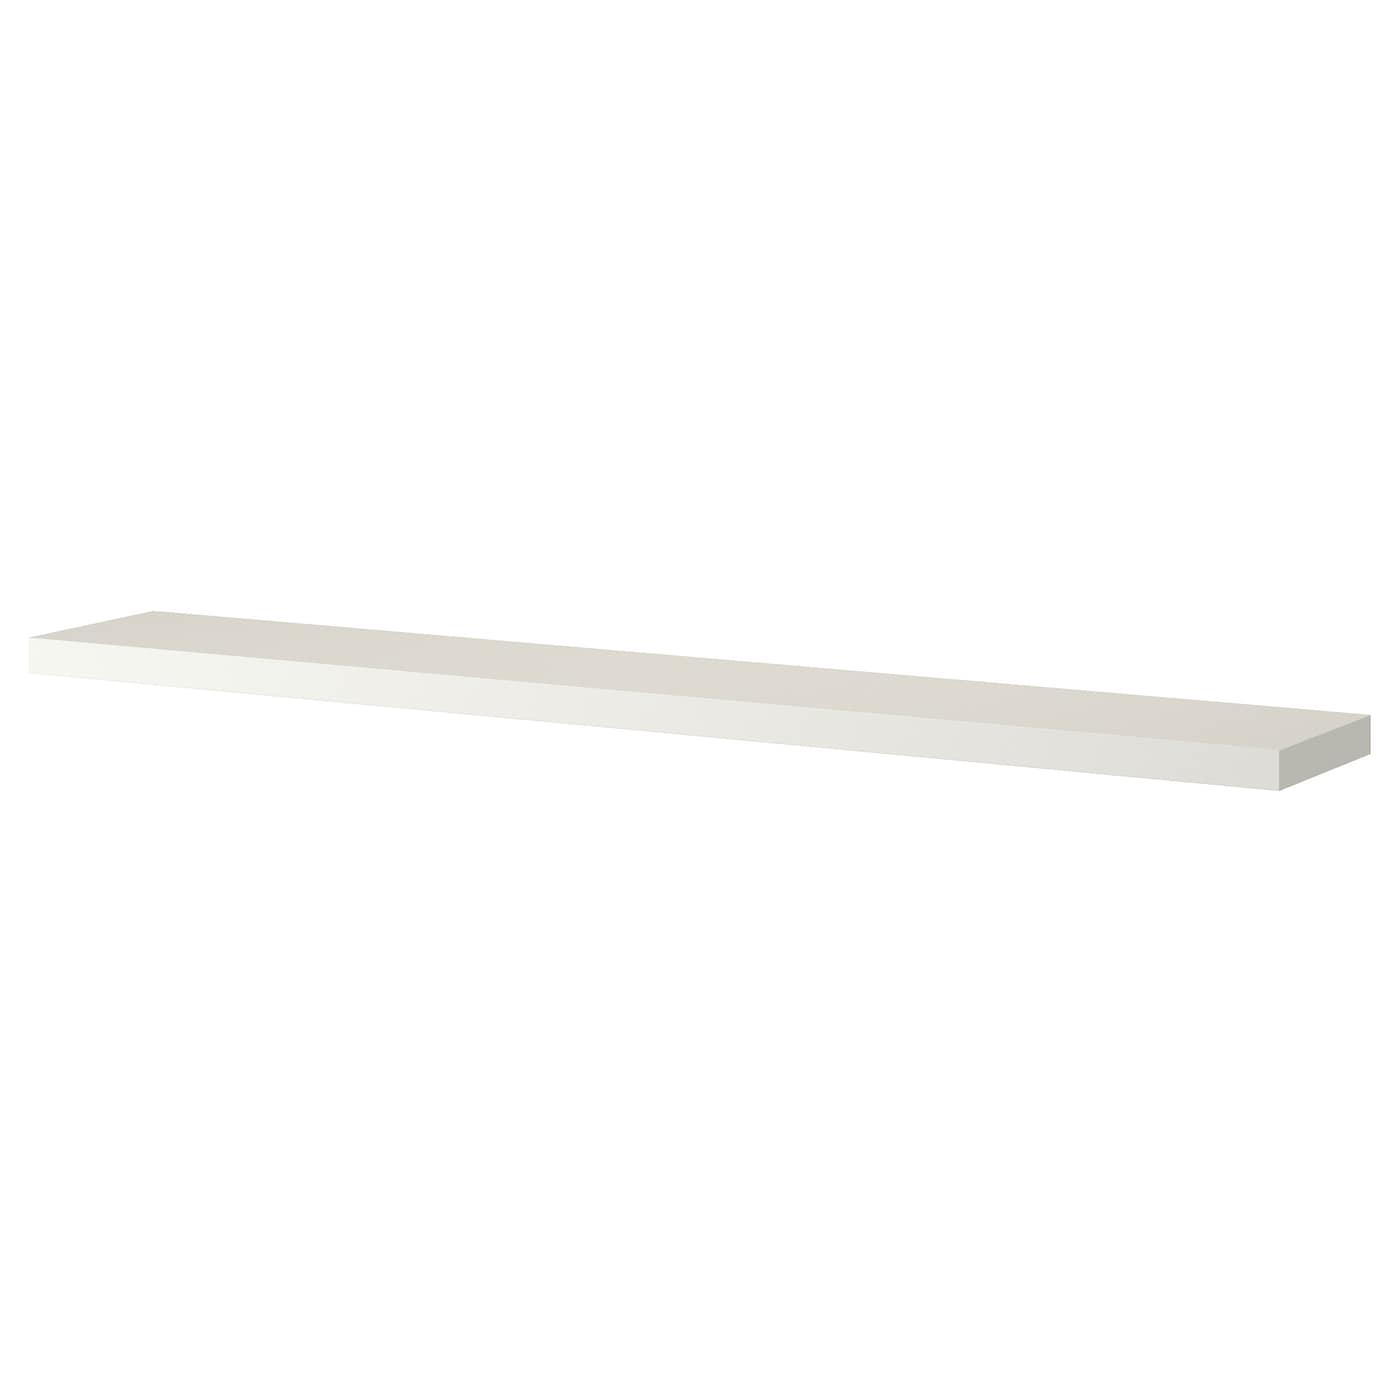 LACK Wall Shelf White 190 X 26 Cm